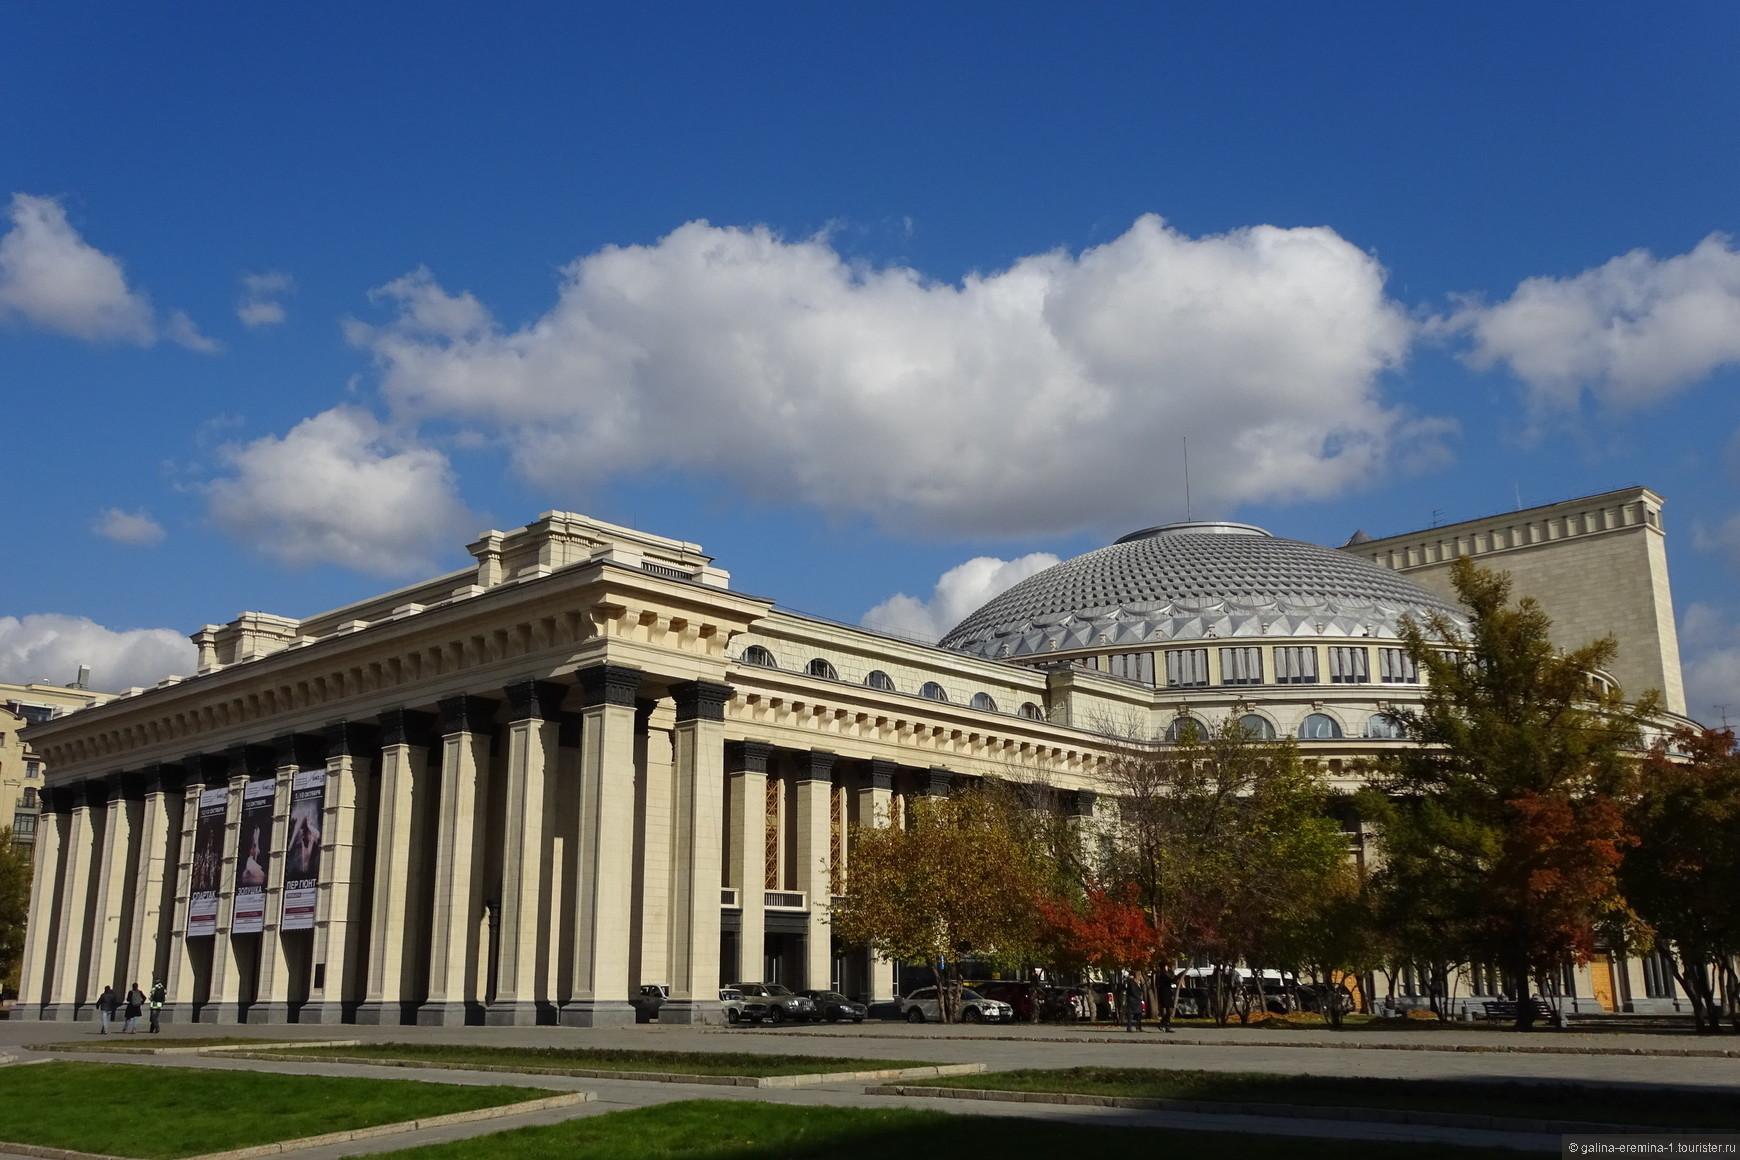 картинки достопримечательности города новосибирска павильон